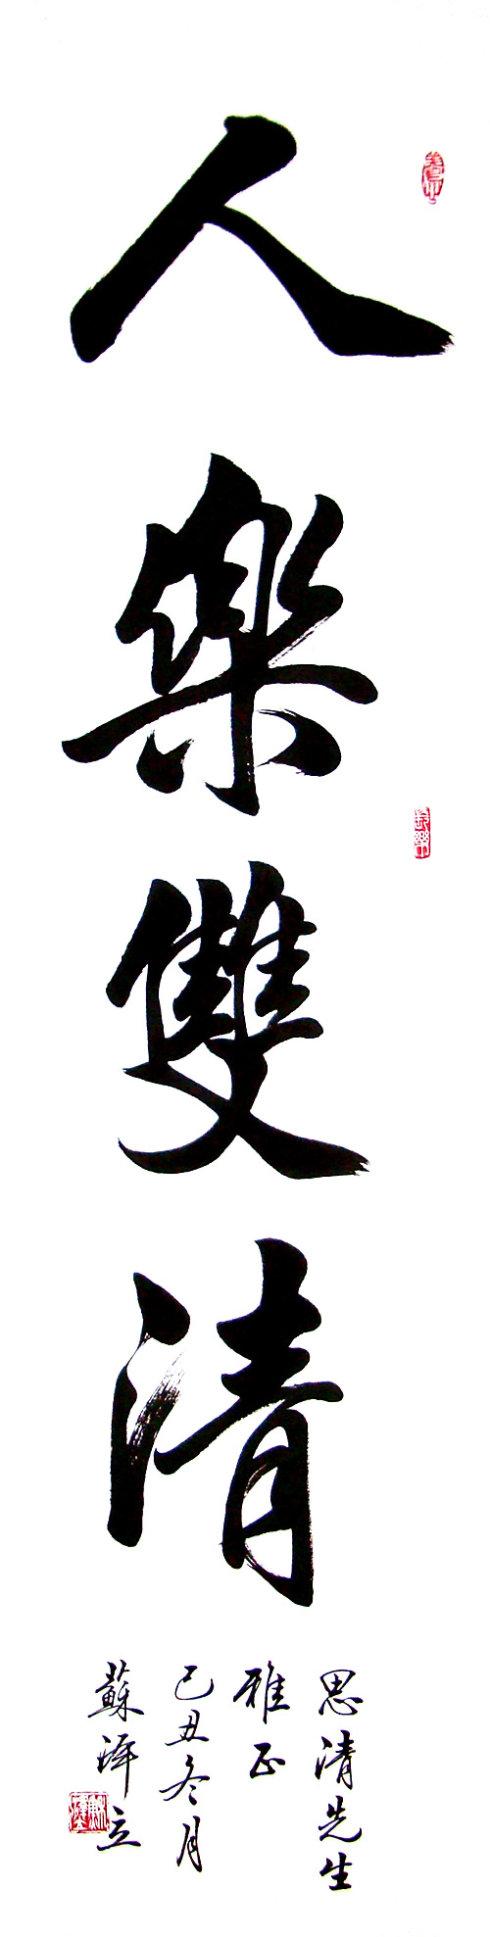 人乐双清 - 苏泽立 - 苏泽立书法